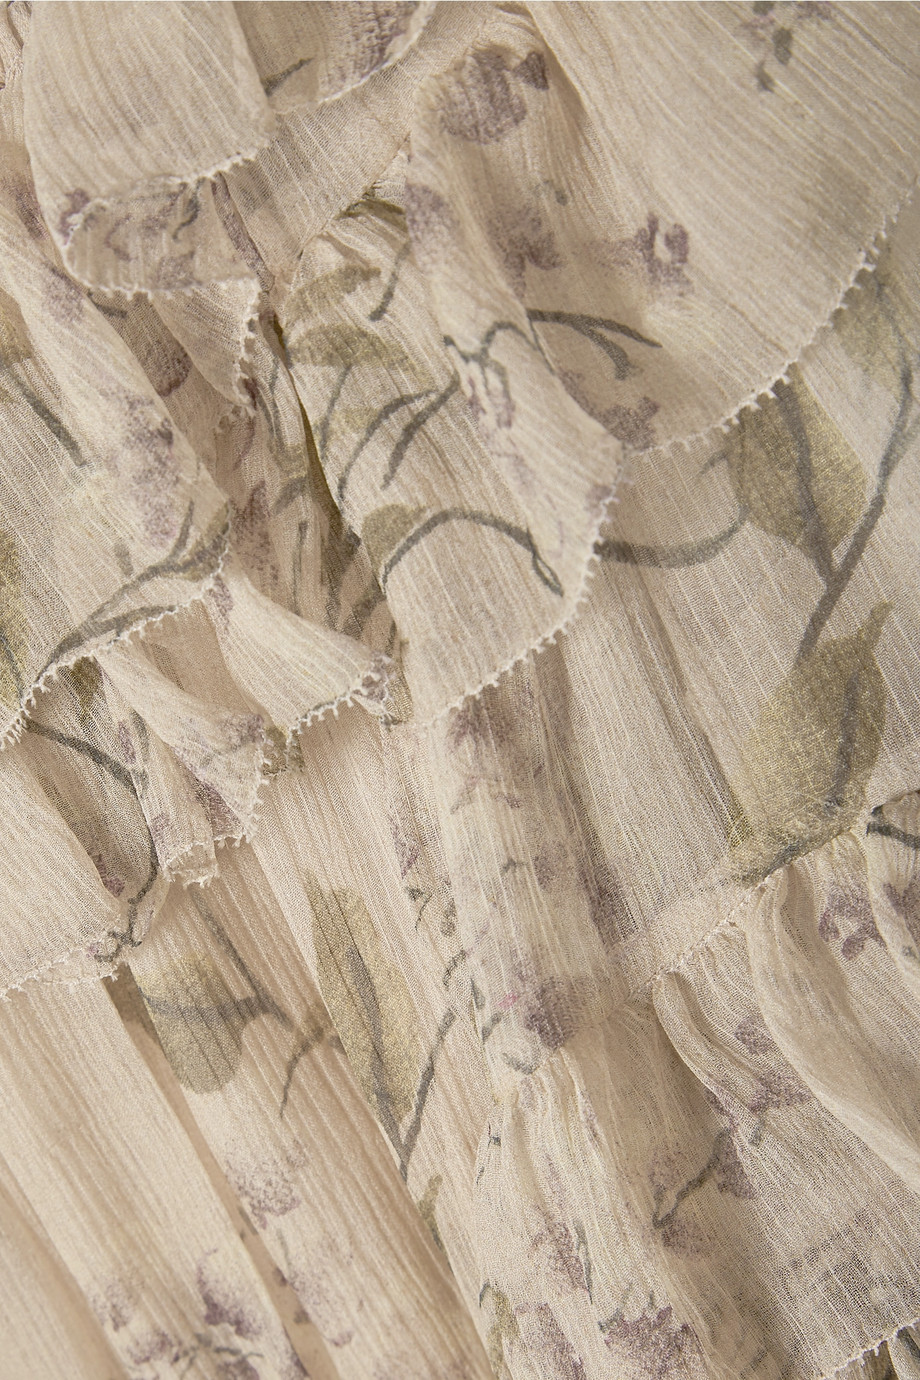 Volants la Femmes Soie épaule Débridée Soie De Imprimé Hors Robe Élastique À Multicolored Décolleté Midi mousseline gIgSwq6H